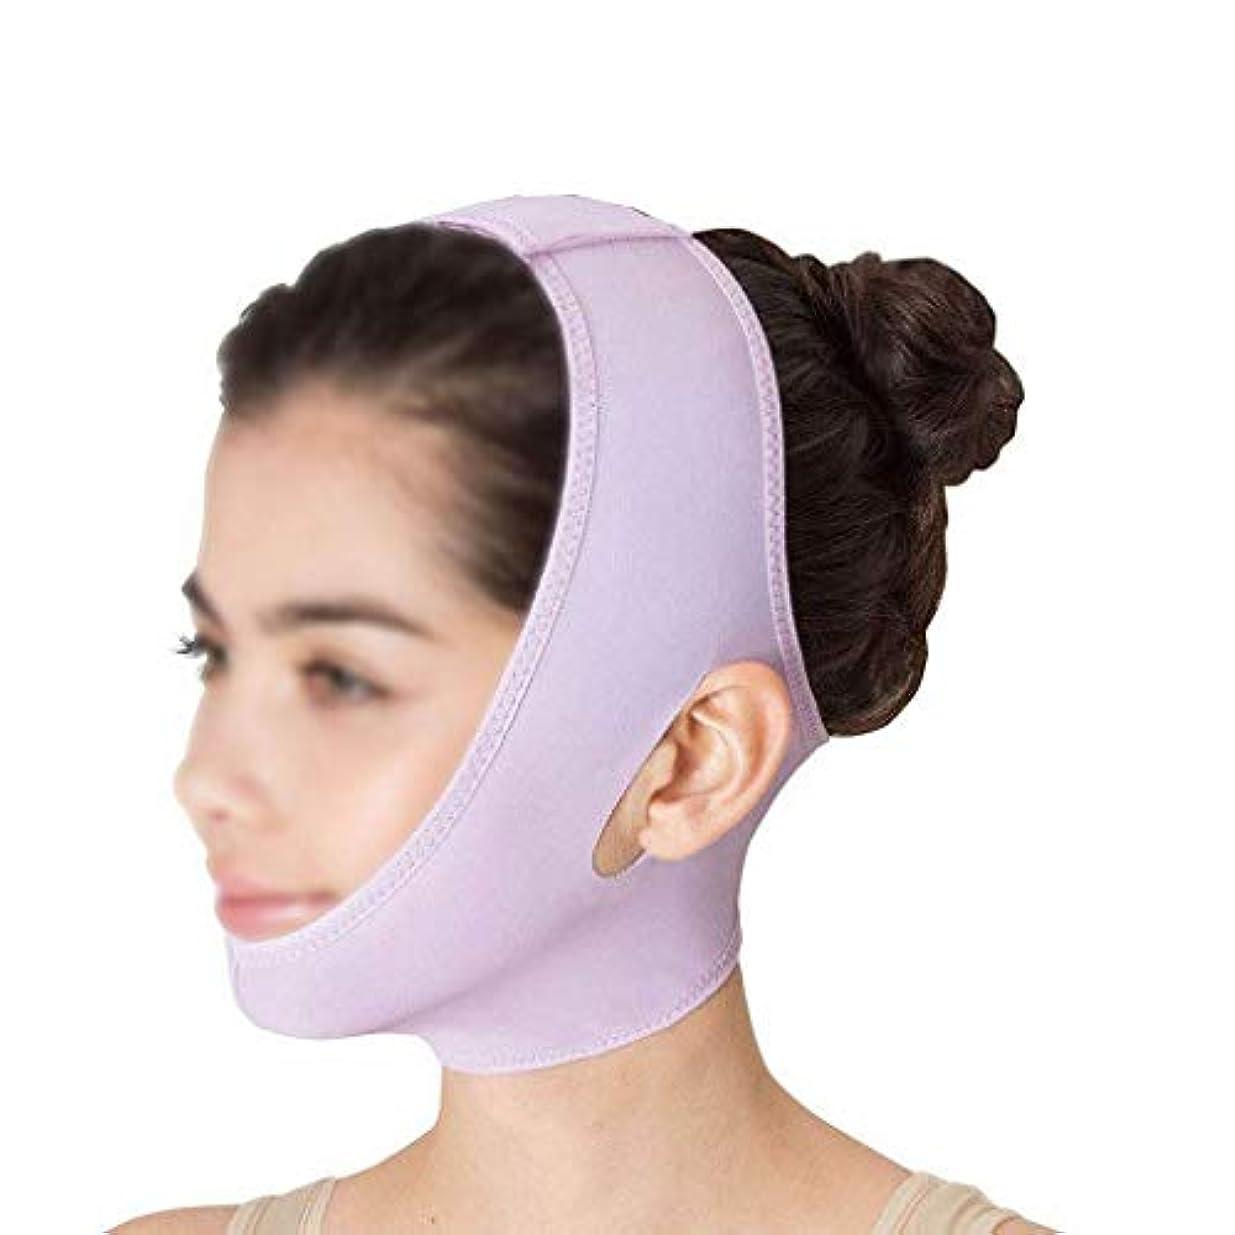 血色の良いにんじん管理する薄いフェイスマスク ビームフェイス、薄いダブルチンでスリーピングマスクの下の頬を防ぎ、小さなVフェイスを作成